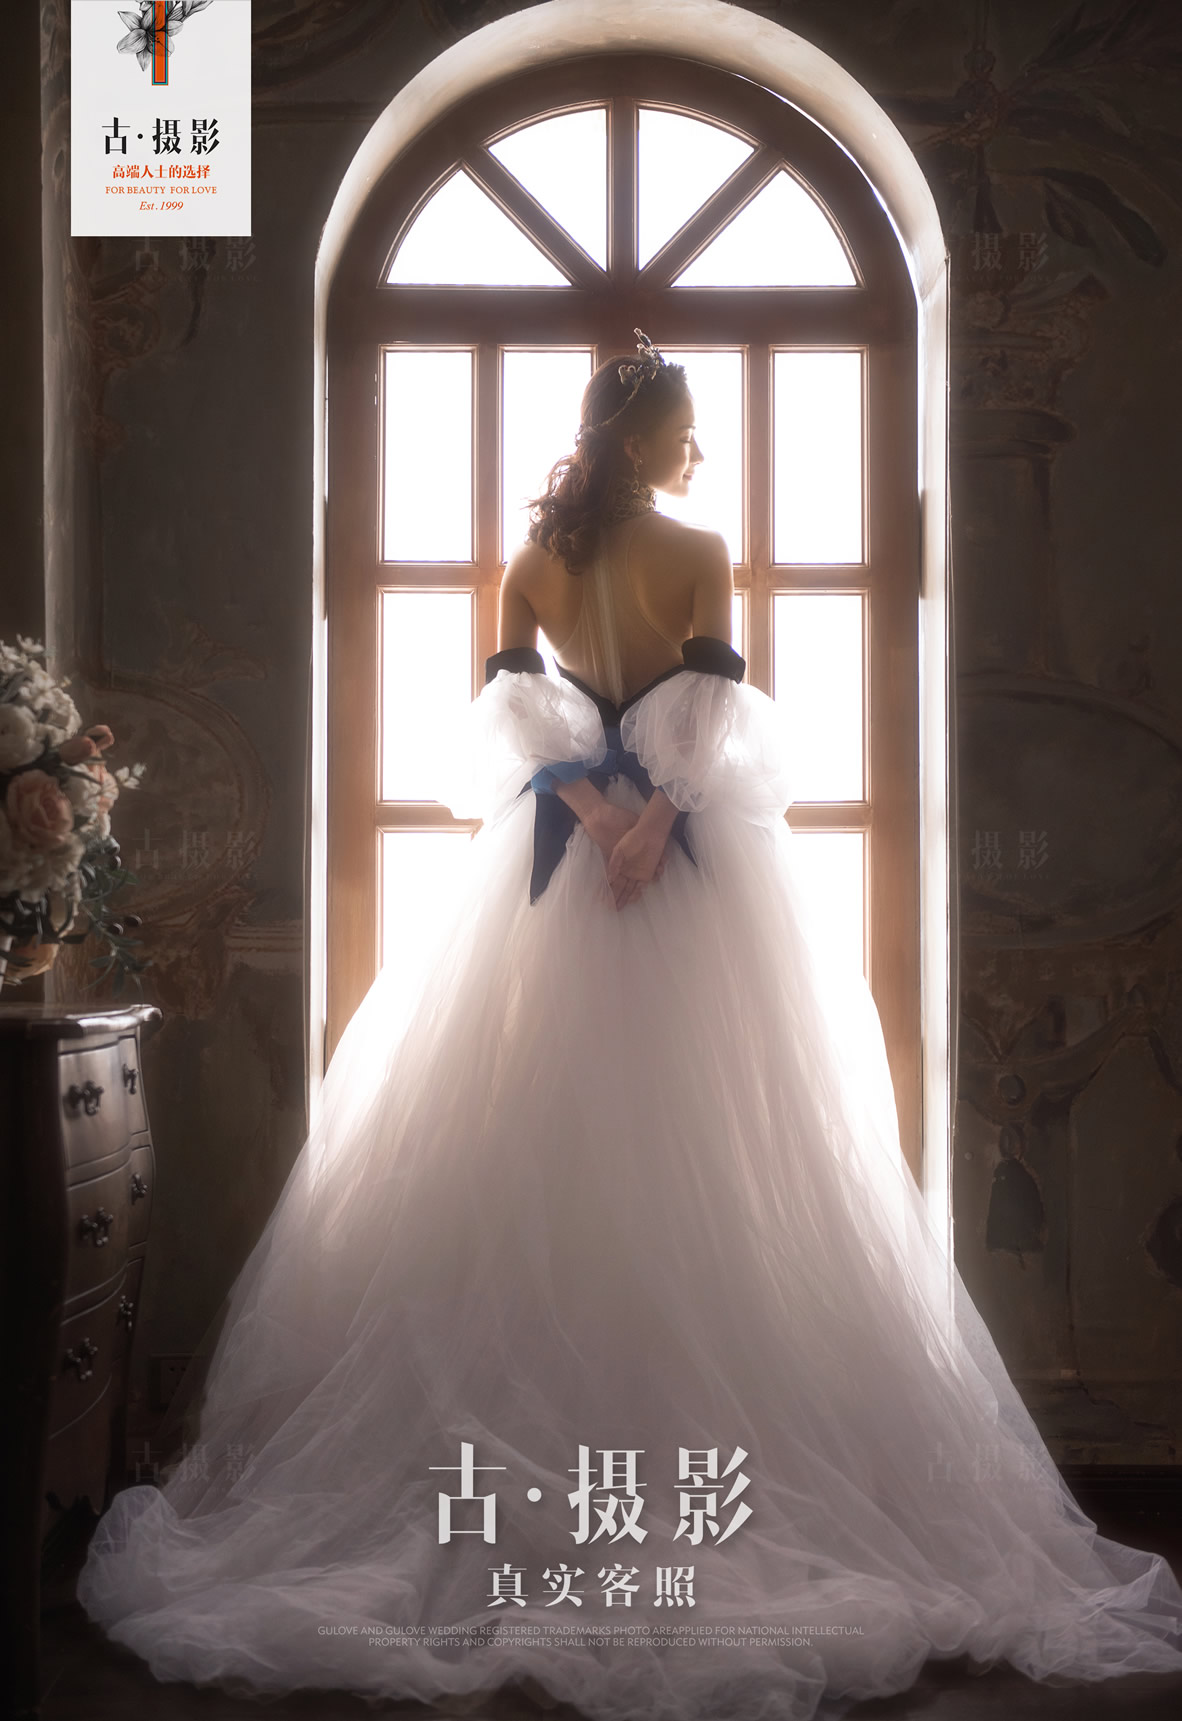 8月13日客片付小姐夫妇 - 每日客照 - 古摄影婚纱艺术-古摄影成都婚纱摄影艺术摄影网